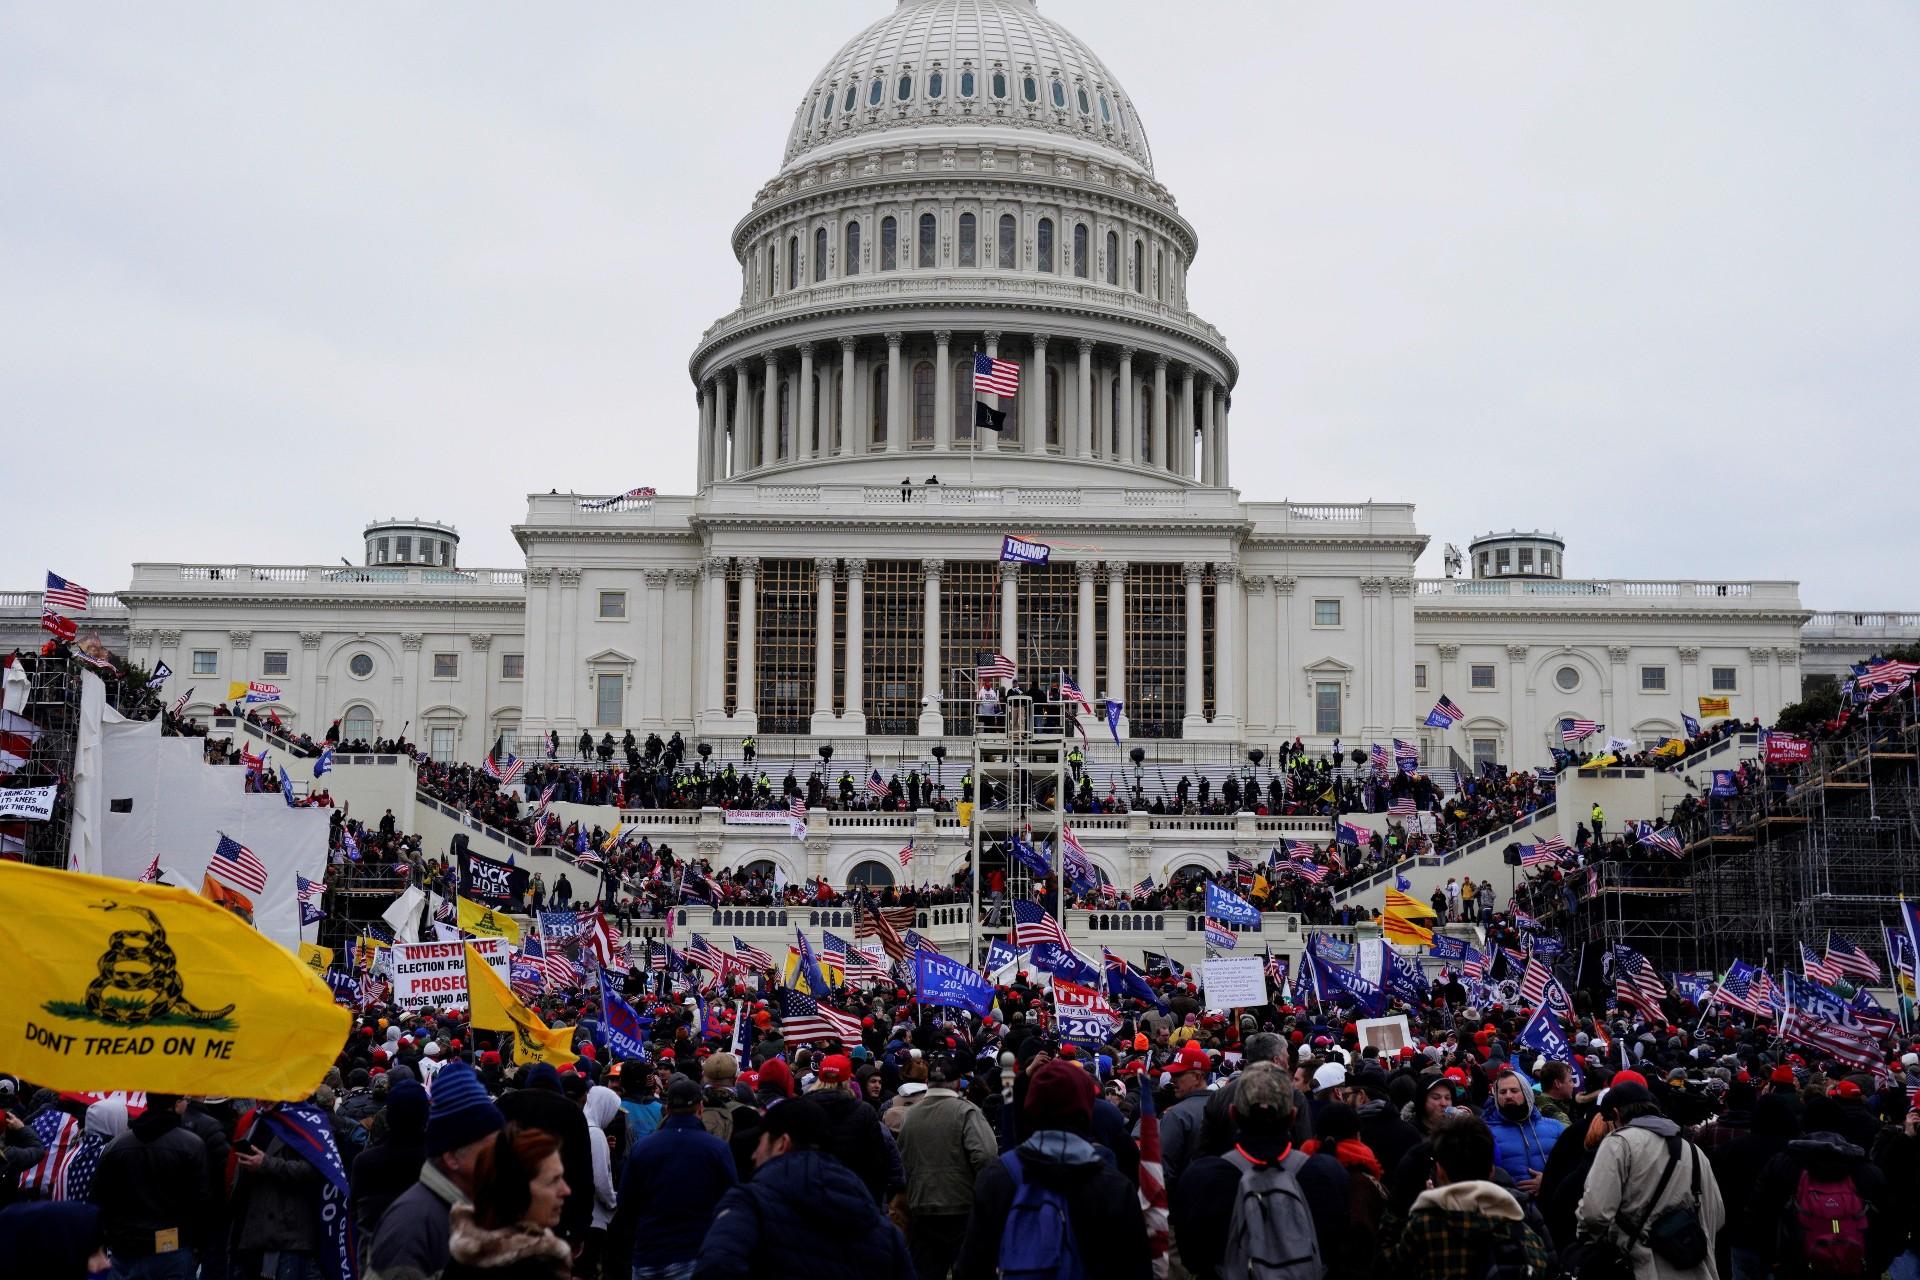 Seguidores de Donald Trump irrumpen durante unas protestas en los terrenos del Capitolio de los Estados Unidos ayer en Washington. EFE/WILL OLIVER